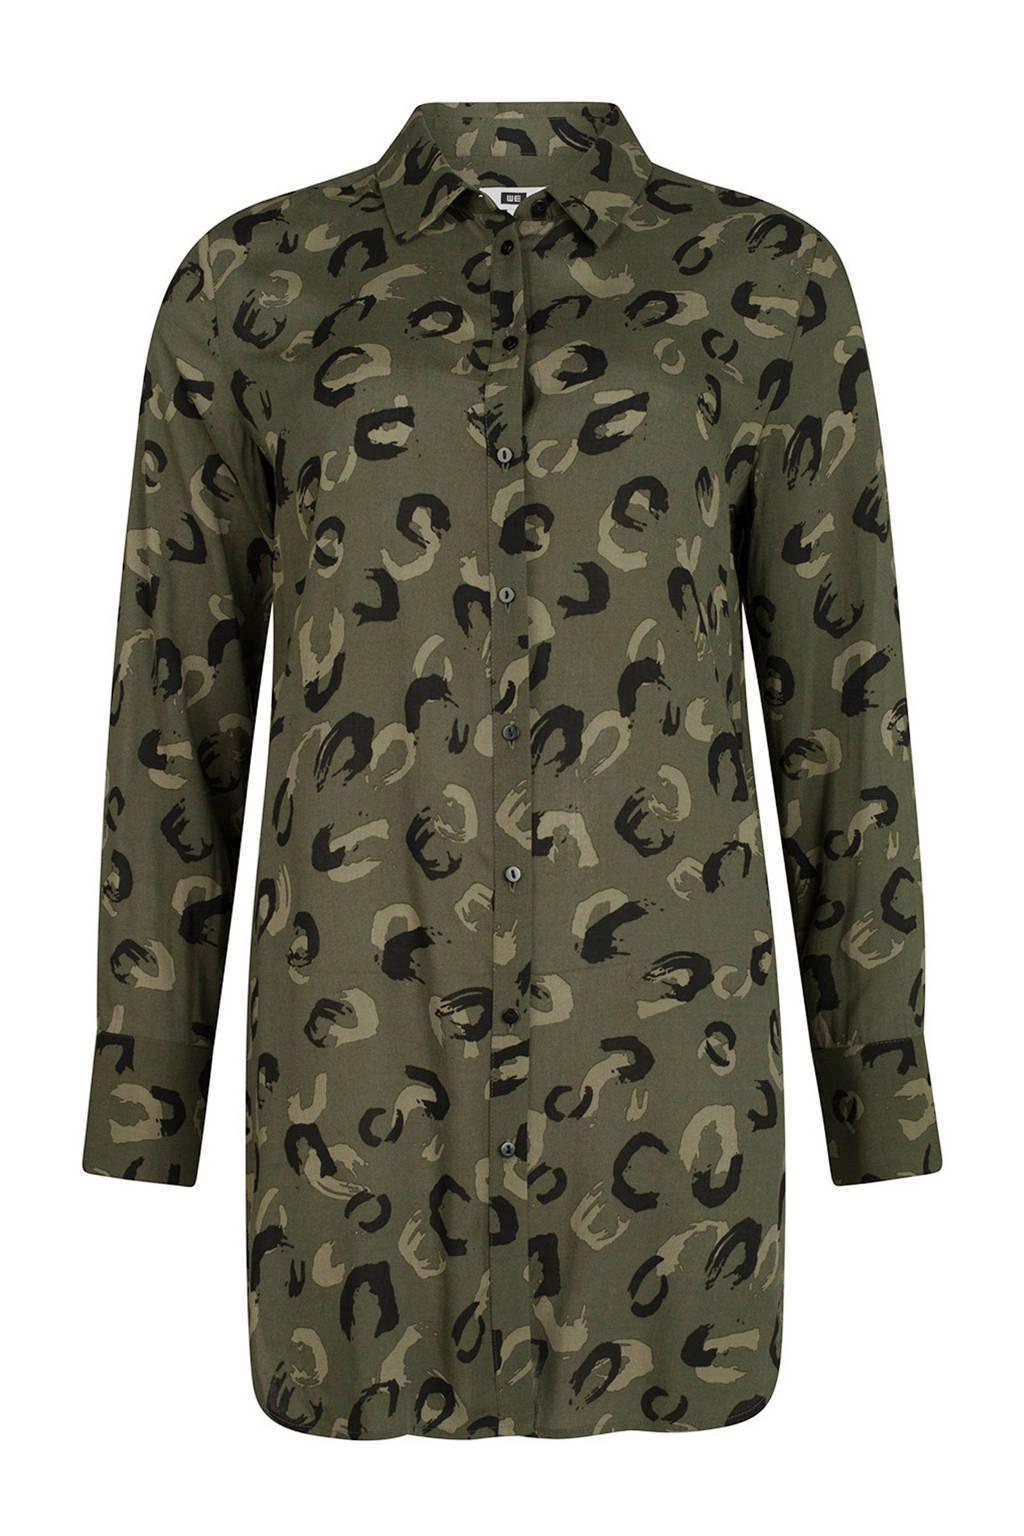 Blouse Of Overhemd.We Fashion Tijgerprint Overhemd Blouse Groen Wehkamp